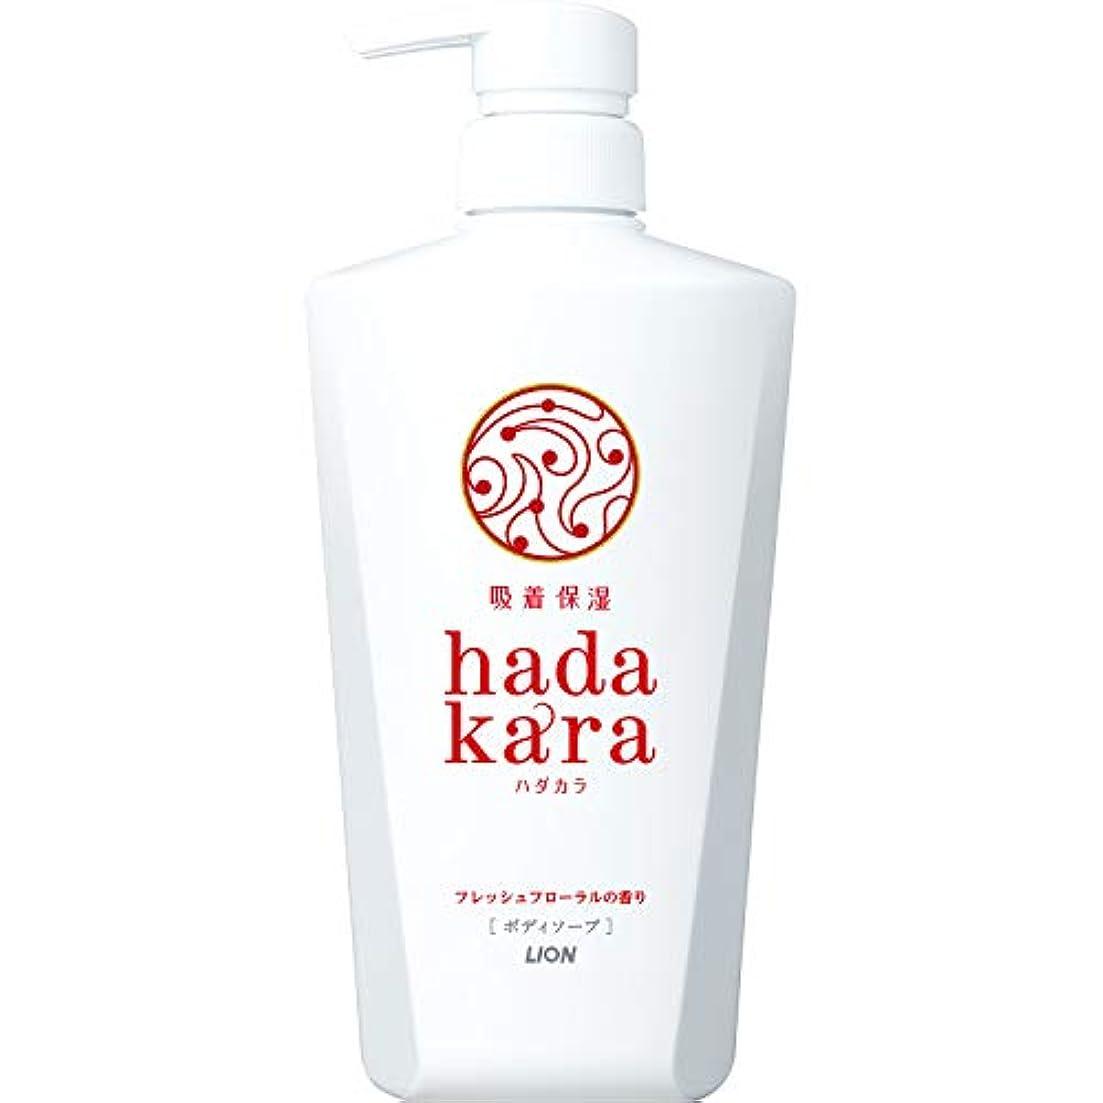 保護する決めますウッズhadakara(ハダカラ) ボディソープ フレッシュフローラルの香り 本体 500ml フローラルブーケ